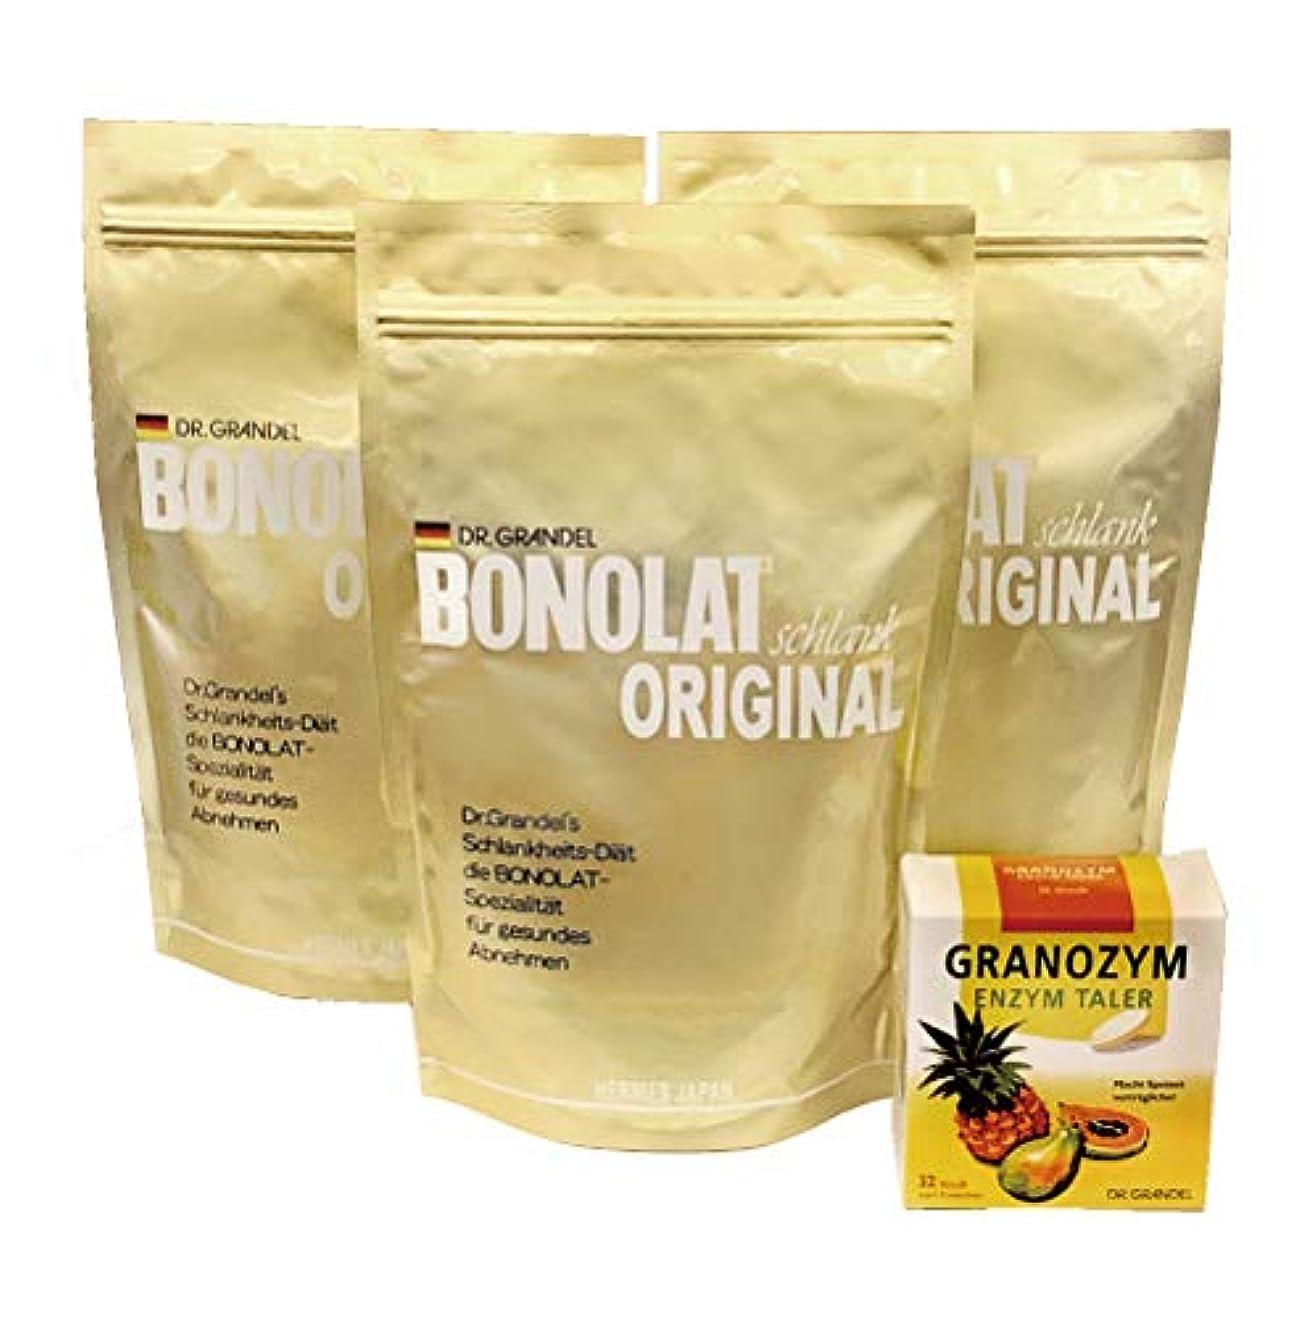 ぬいぐるみイーウェルおボノラート600g×3袋(30g×60杯) & グラノザイムセット 無添加 乳プロテイン 置き換えシェイク & 酵素タブレット